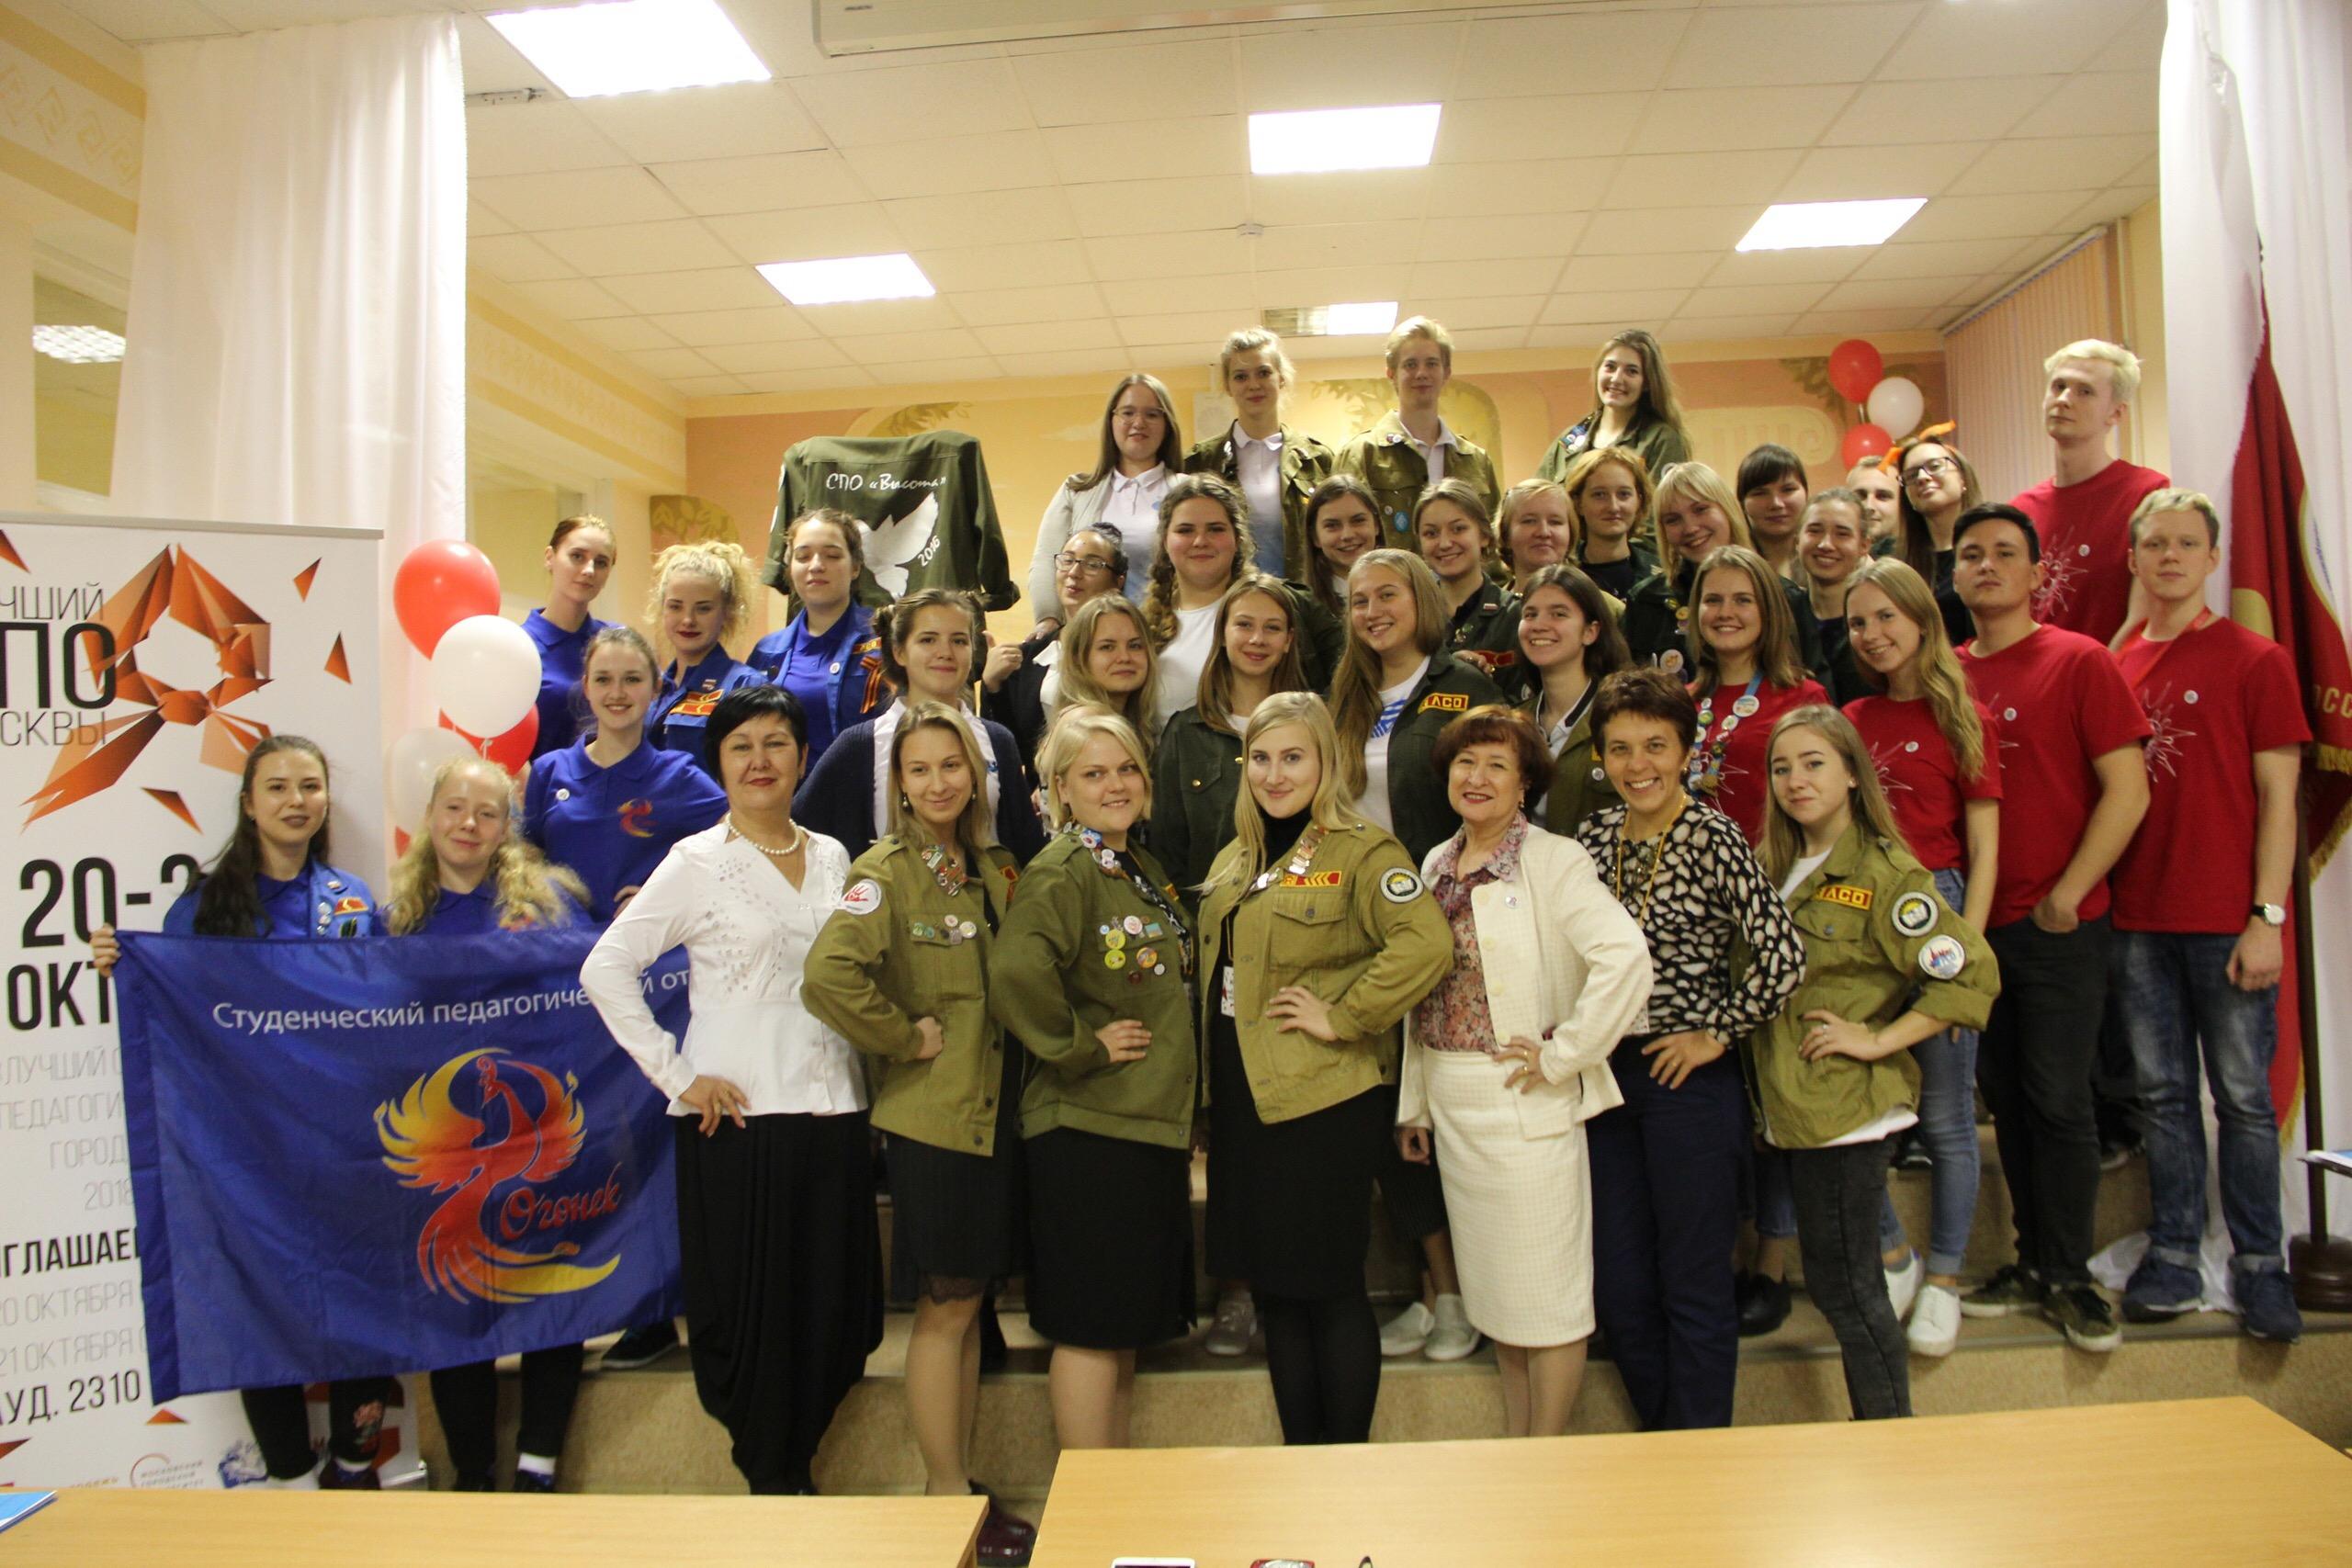 Конкурс налучший студенческий педагогический отряд города Москвы